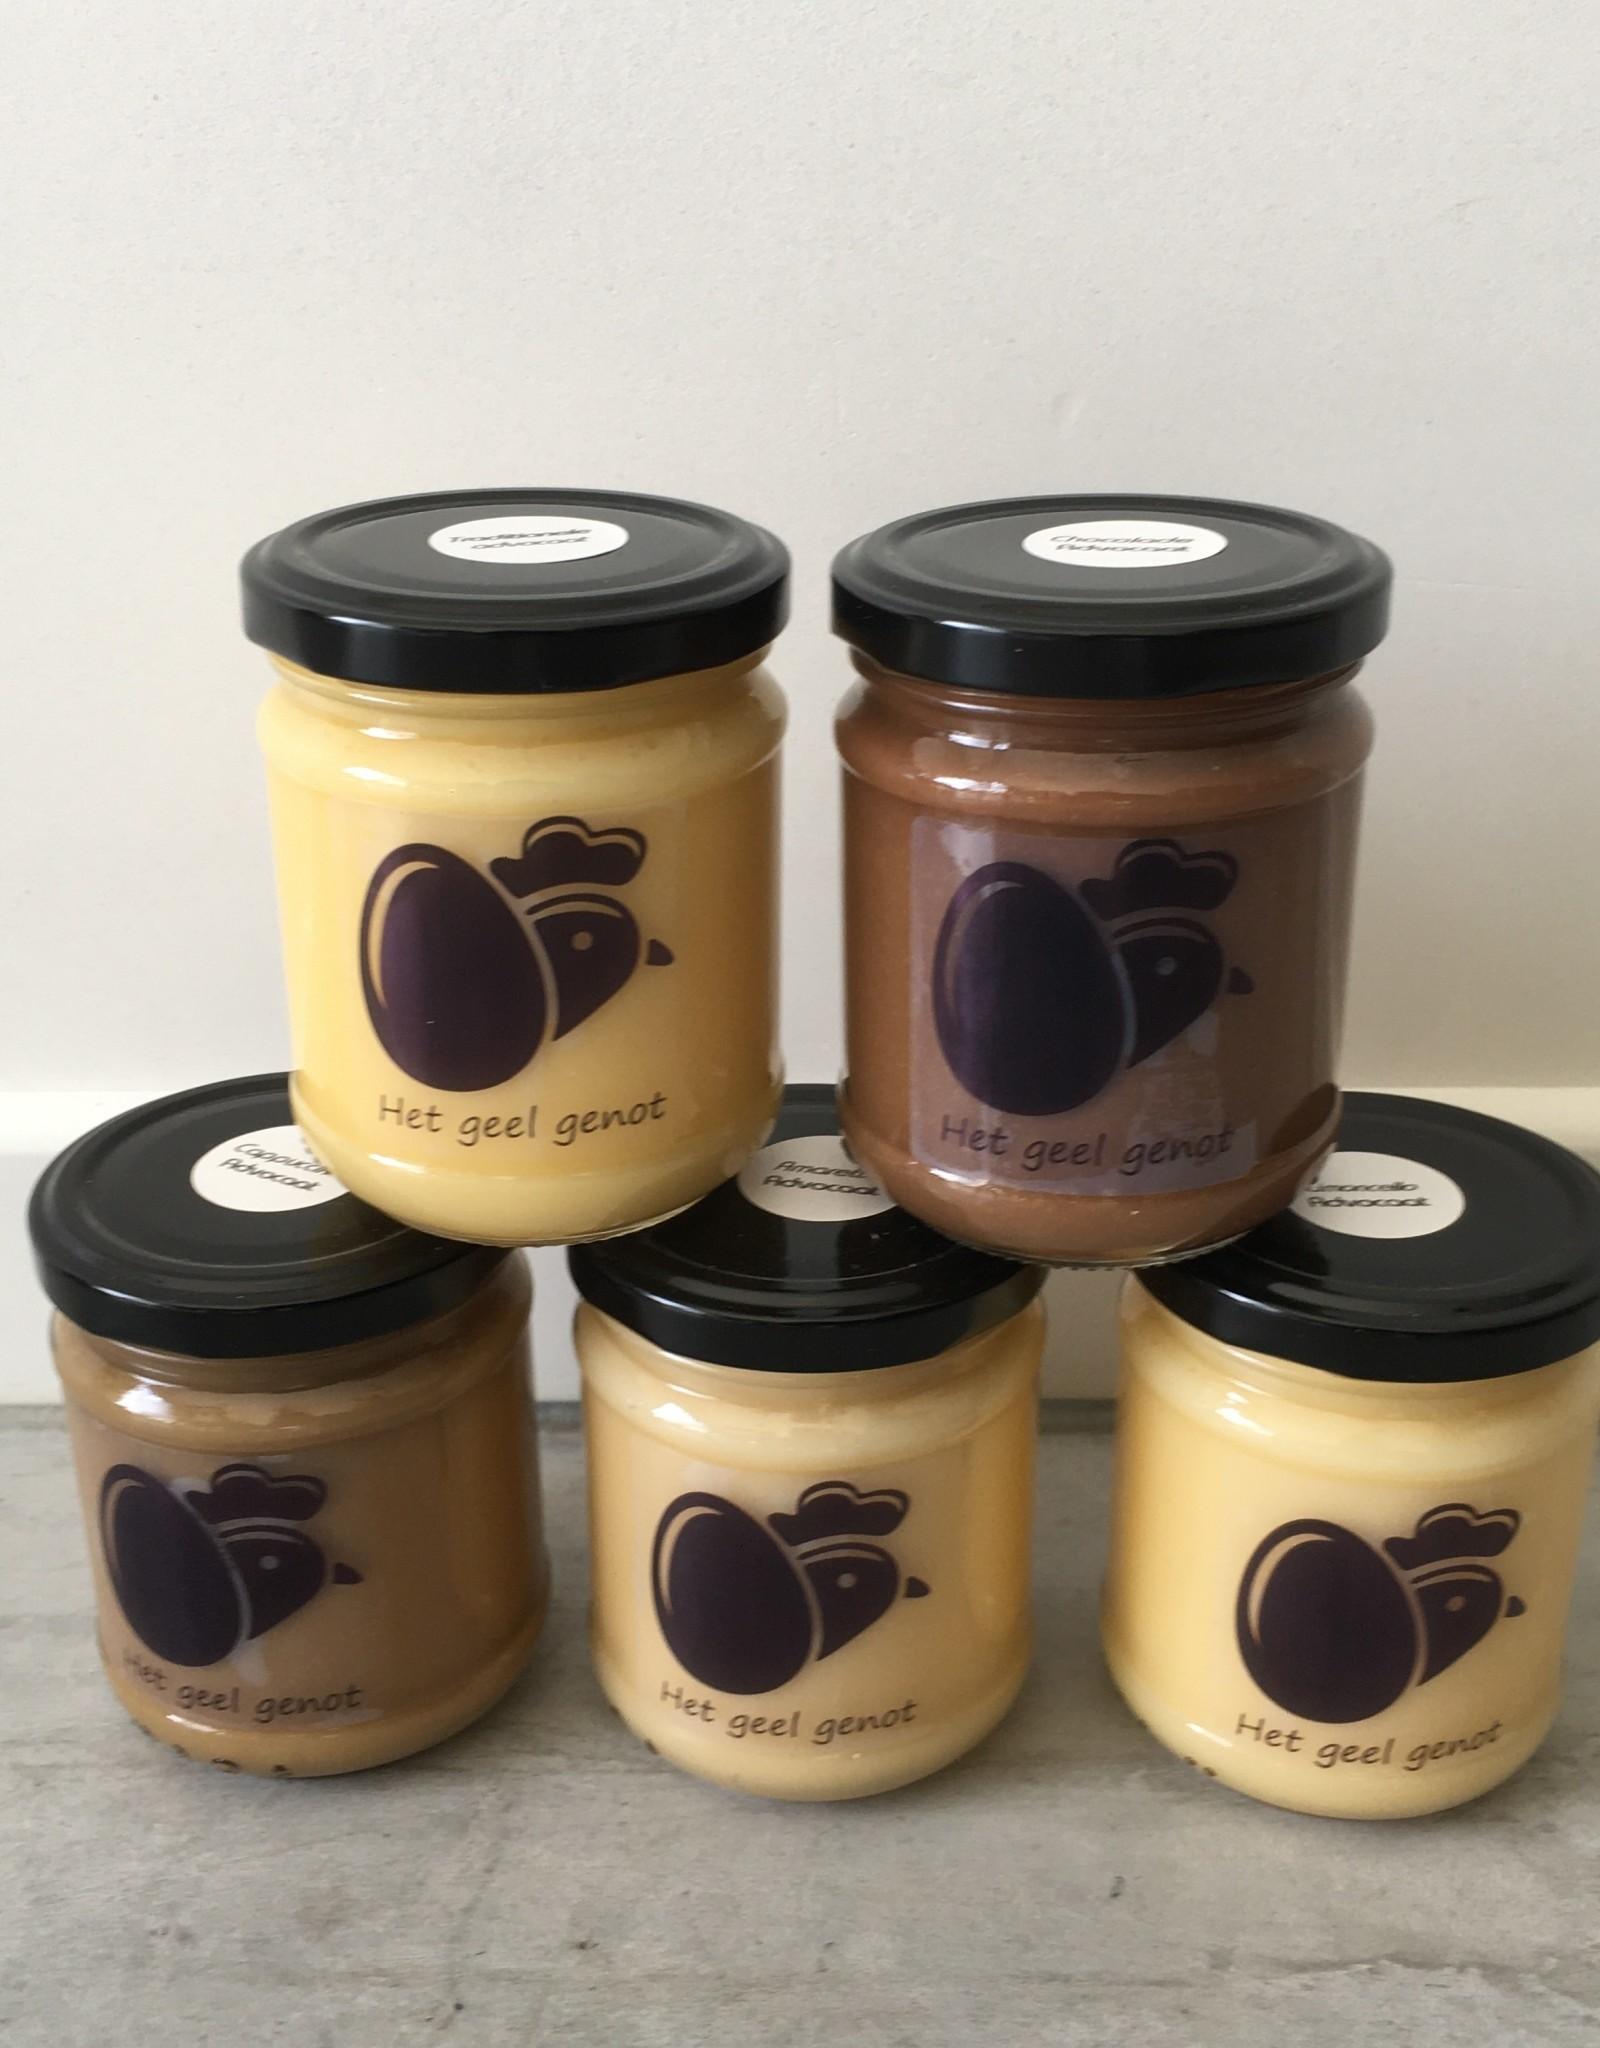 het geel genot het geel genot advocaat chocolade 228 ml